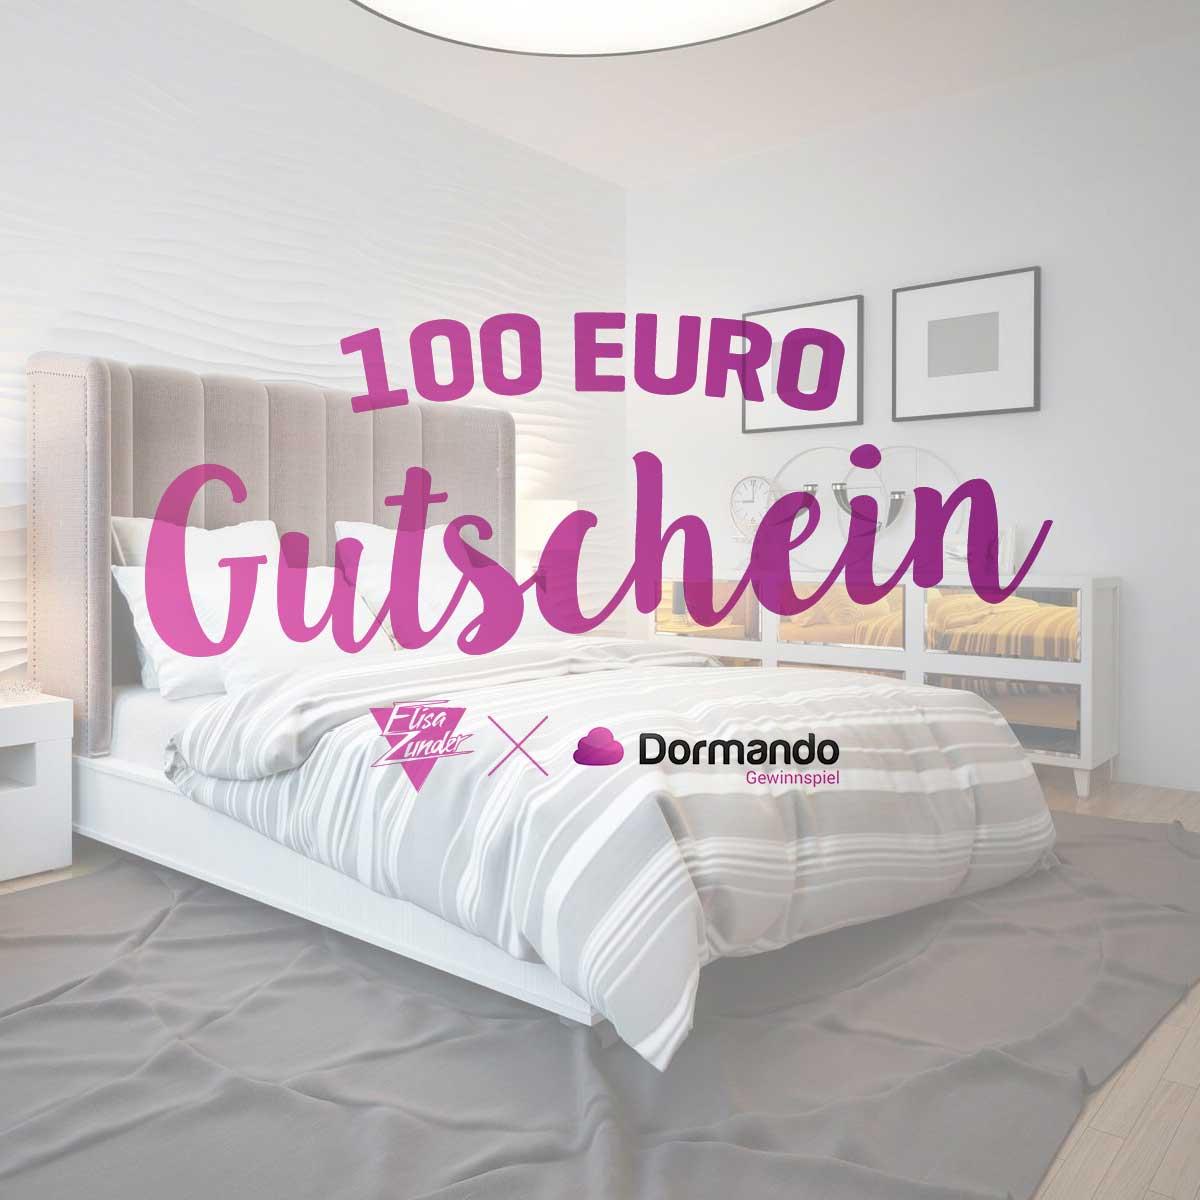 Gewinnspiel, Dormando, Gutschein, Gewinn. 100 Euro, Bett, Schlafzimmer, Bettwäsche, Schlafen, Wohnen, Home & Interior